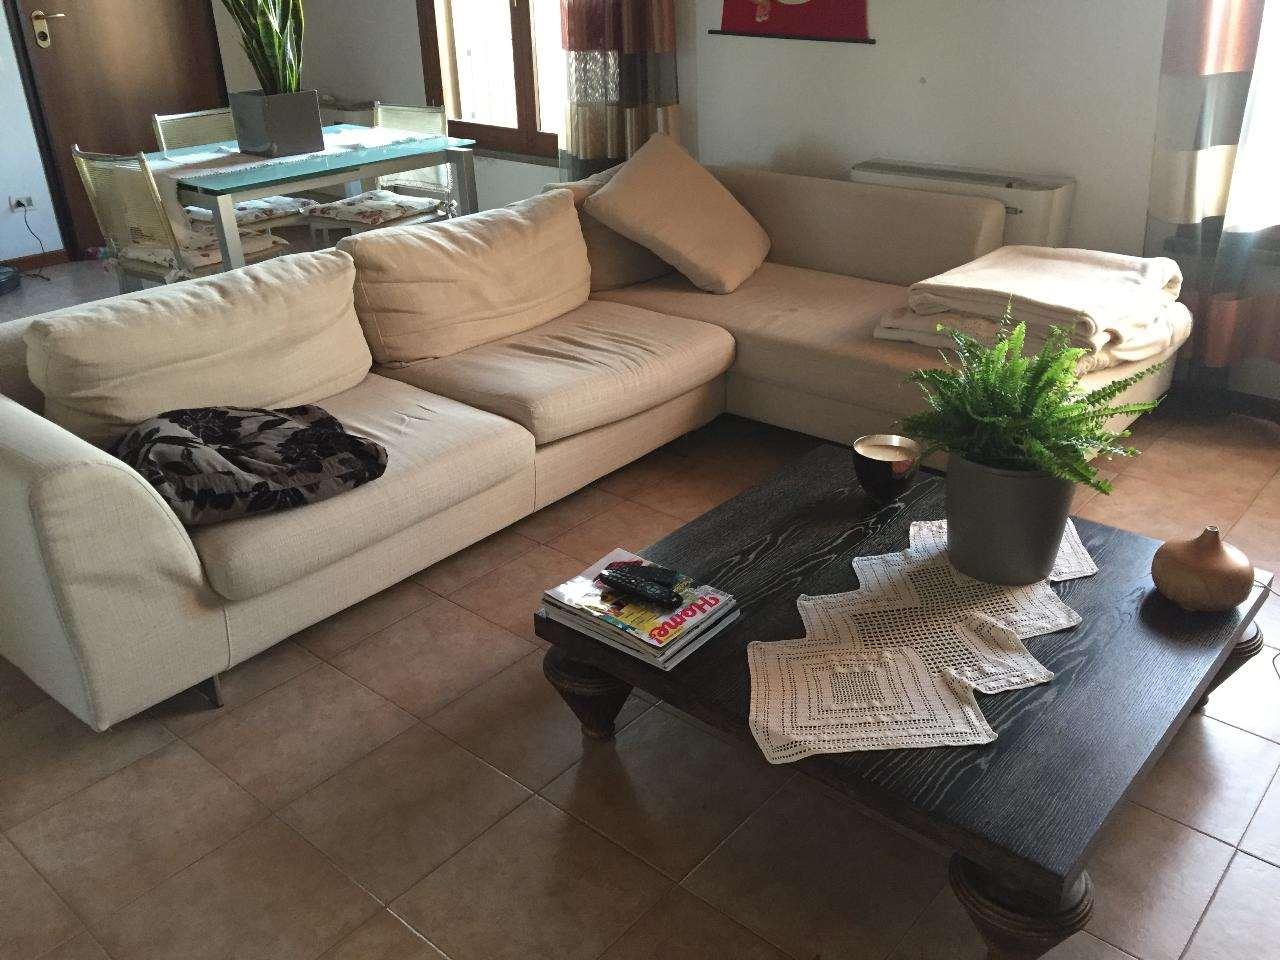 Appartamento in affitto a Castelvetro Piacentino, 3 locali, prezzo € 450 | CambioCasa.it